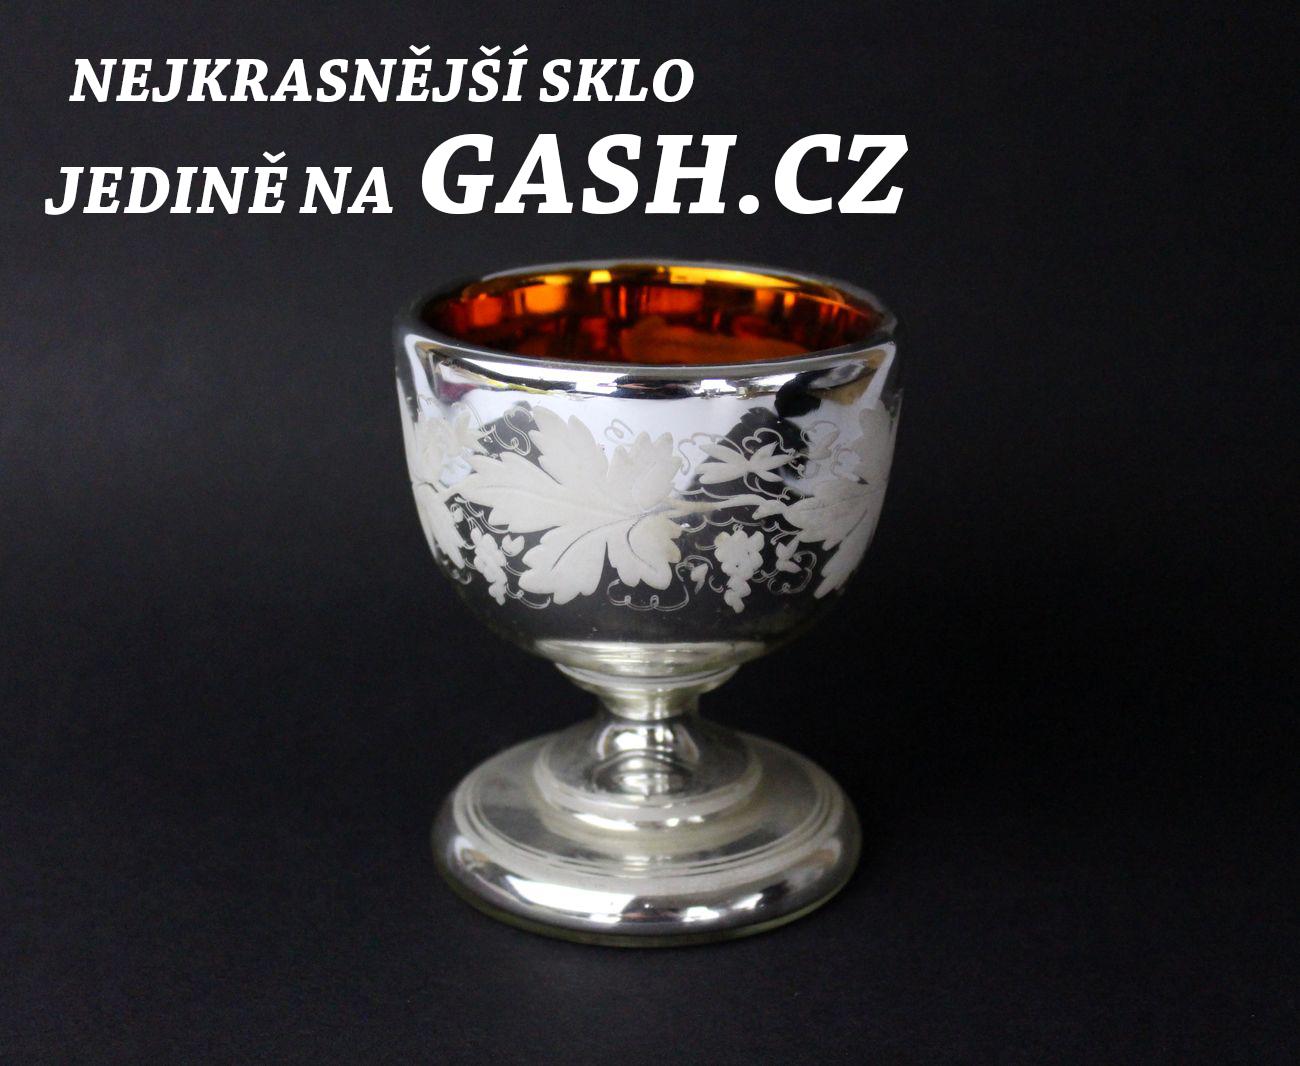 Nejkrásnější sklo jedině na gash.cz